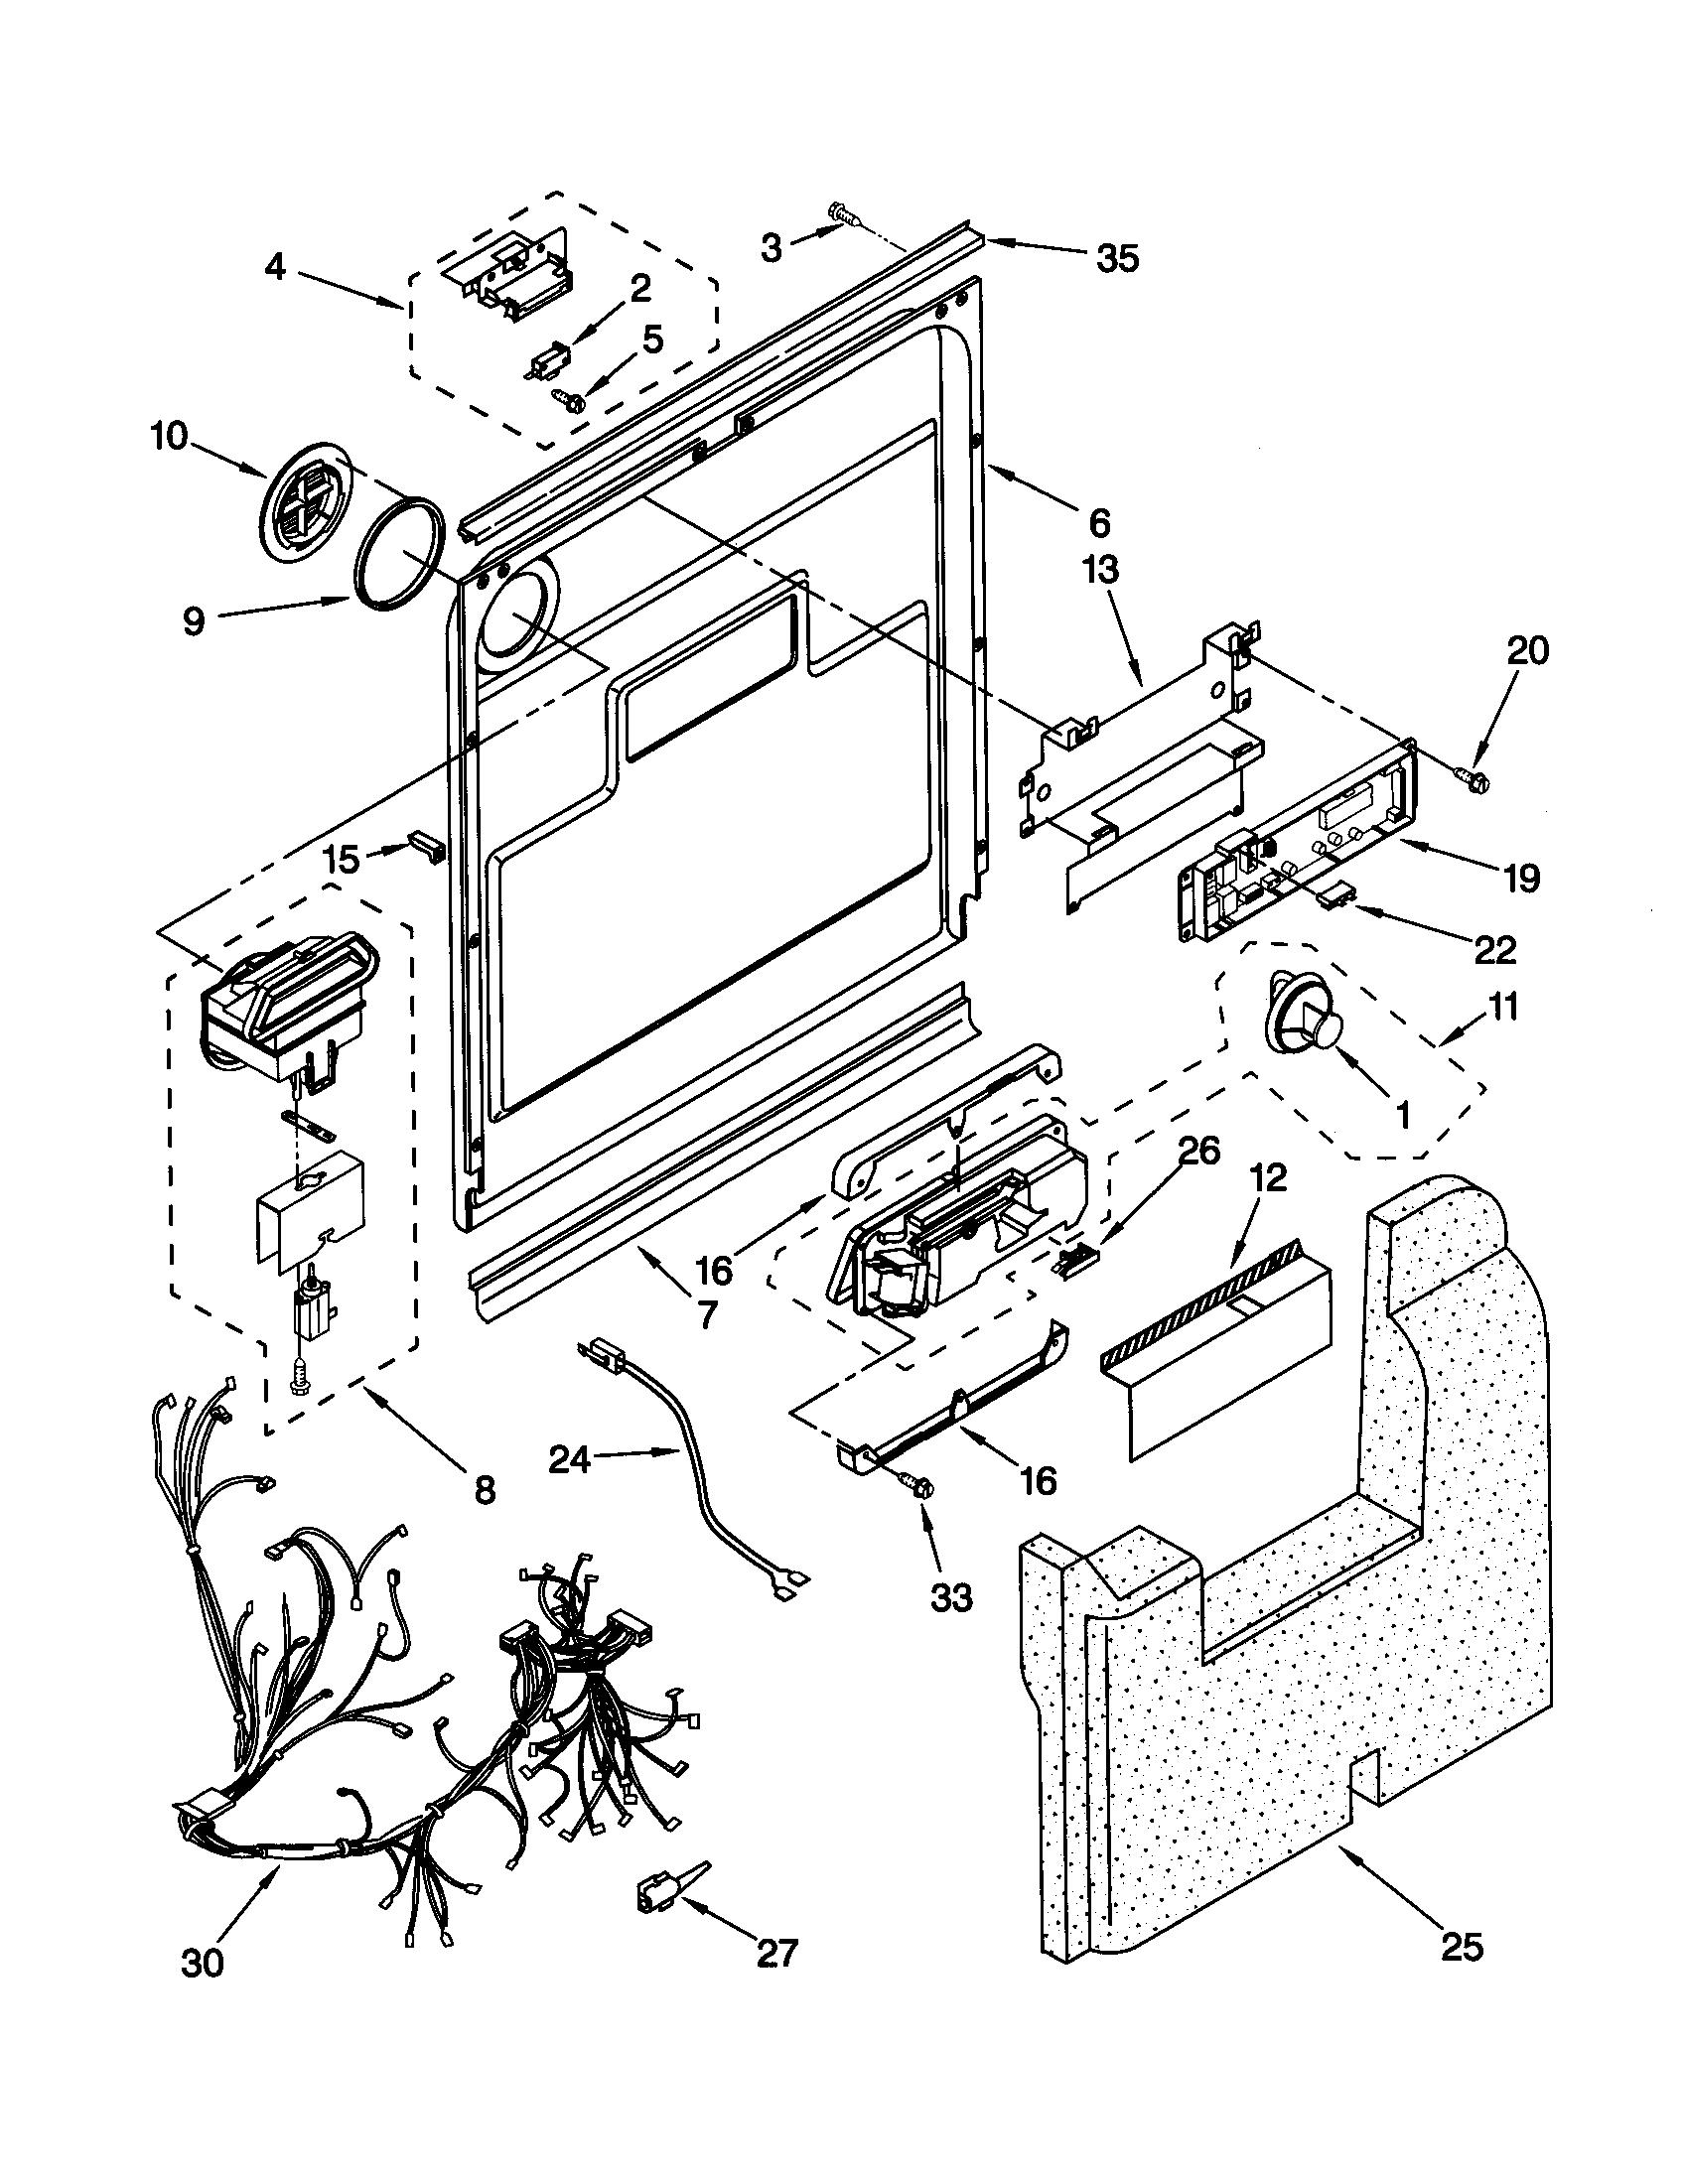 P9100269 00003?resize\=840%2C1090 dishwasher wiring diagram & ge dishwasher schematic diagram kenmore dishwasher wiring diagram at gsmx.co